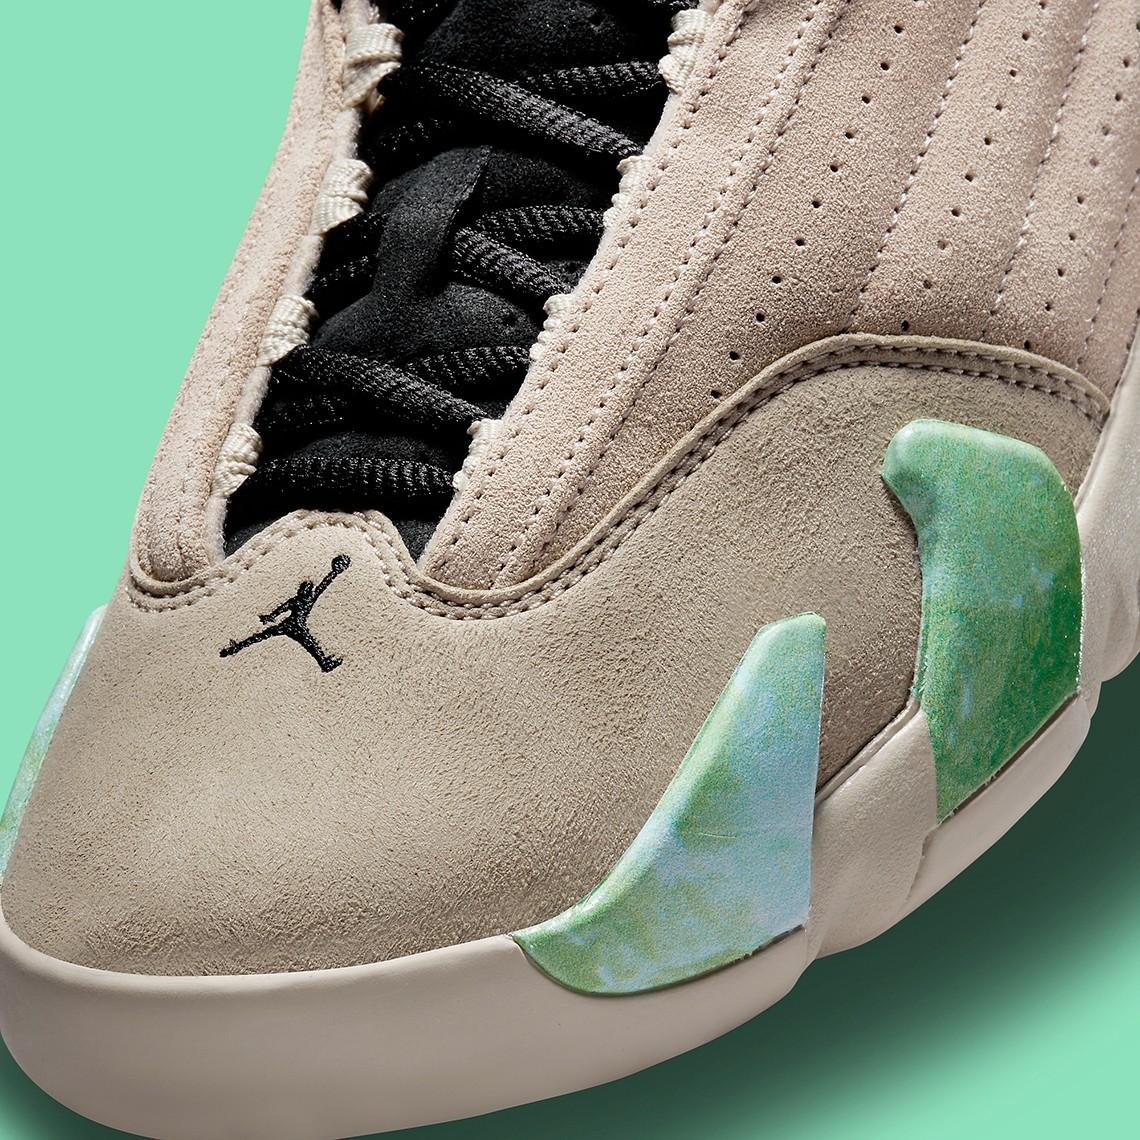 Aleali May x Air Jordan 14